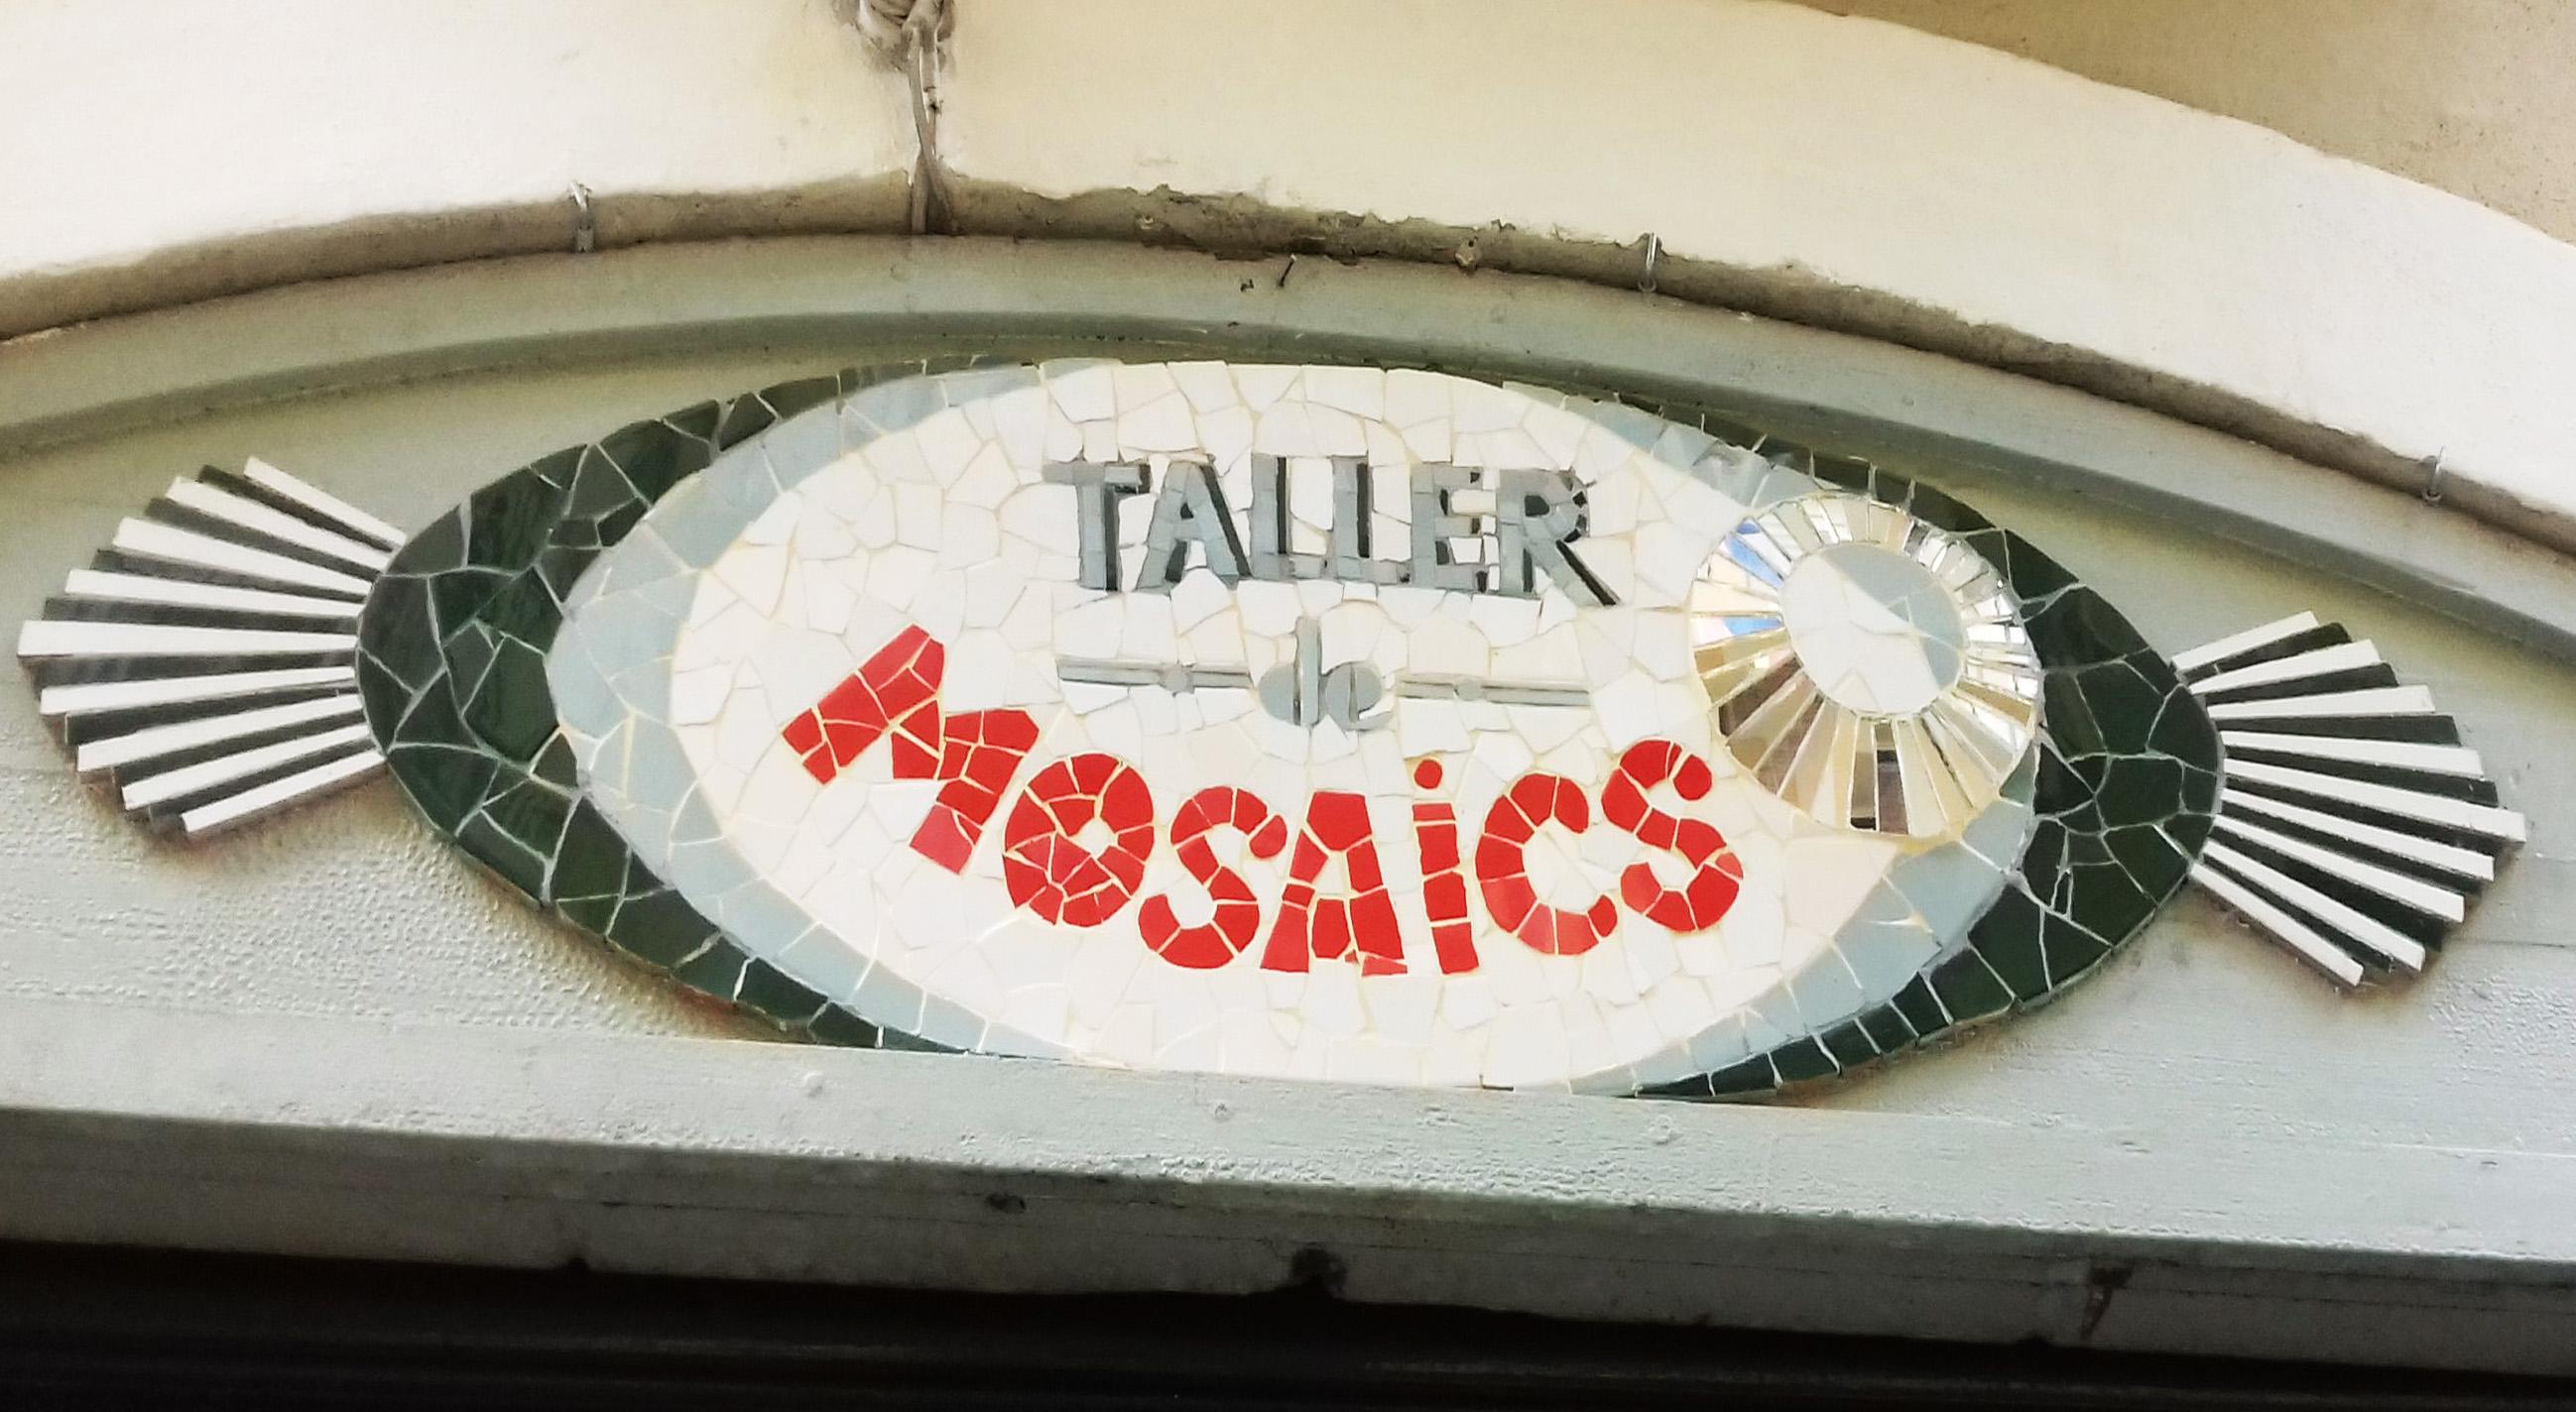 Taller de mosaics Lívia Garreta, carrer Pere Serafí, 39